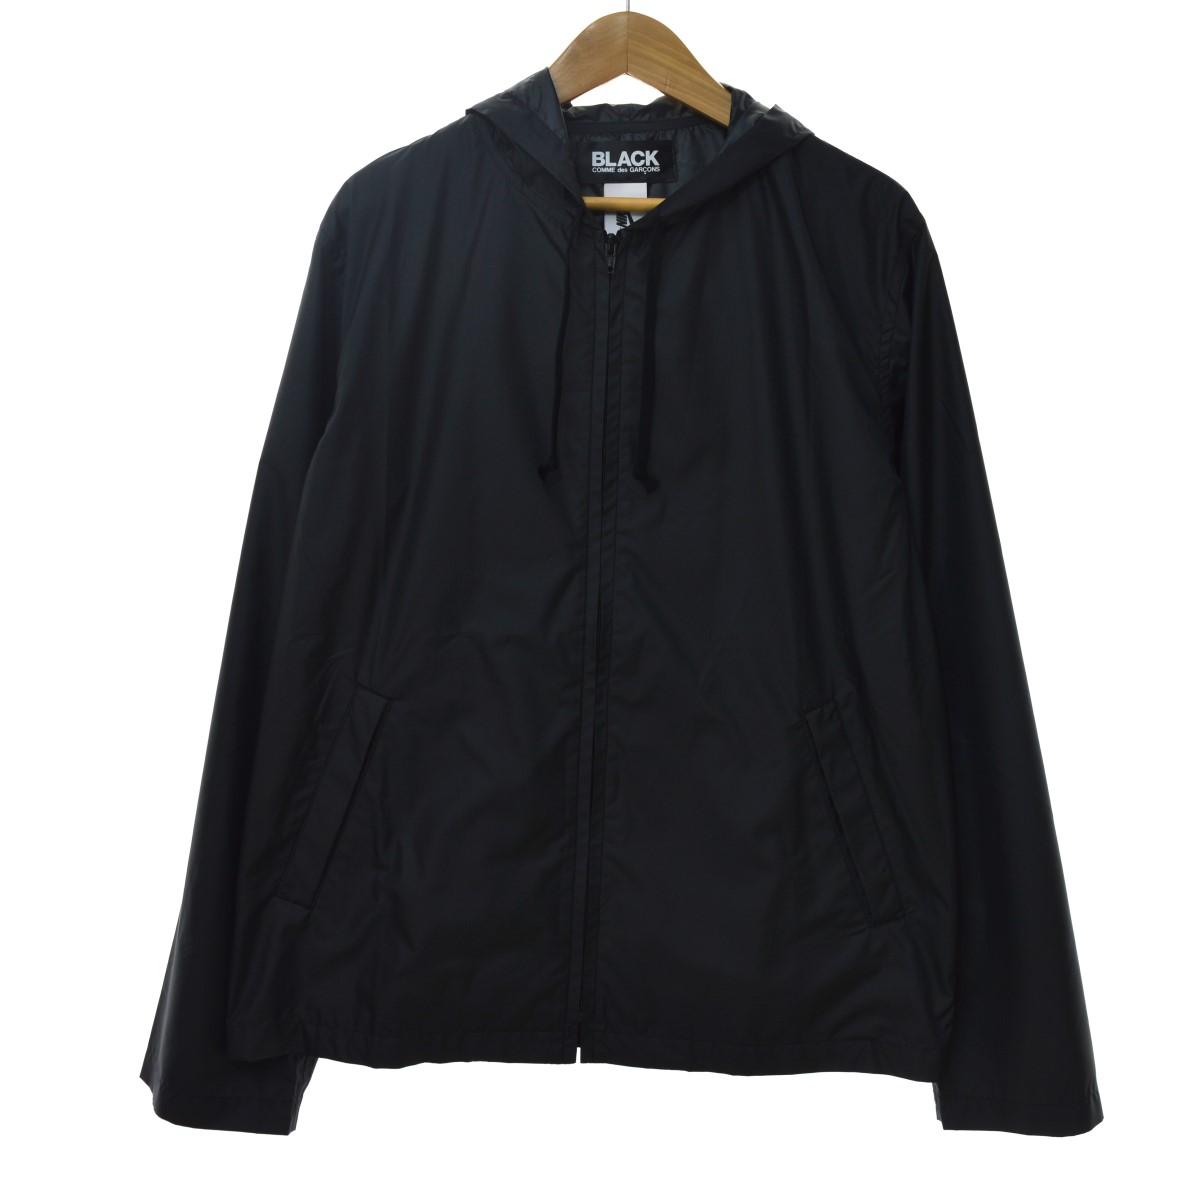 【中古】BLACK COMME des GARCONS17AW X Nike Polyester Hooded Jacket ナイロンジャケット ブラック サイズ:XL 【5月25日見直し】